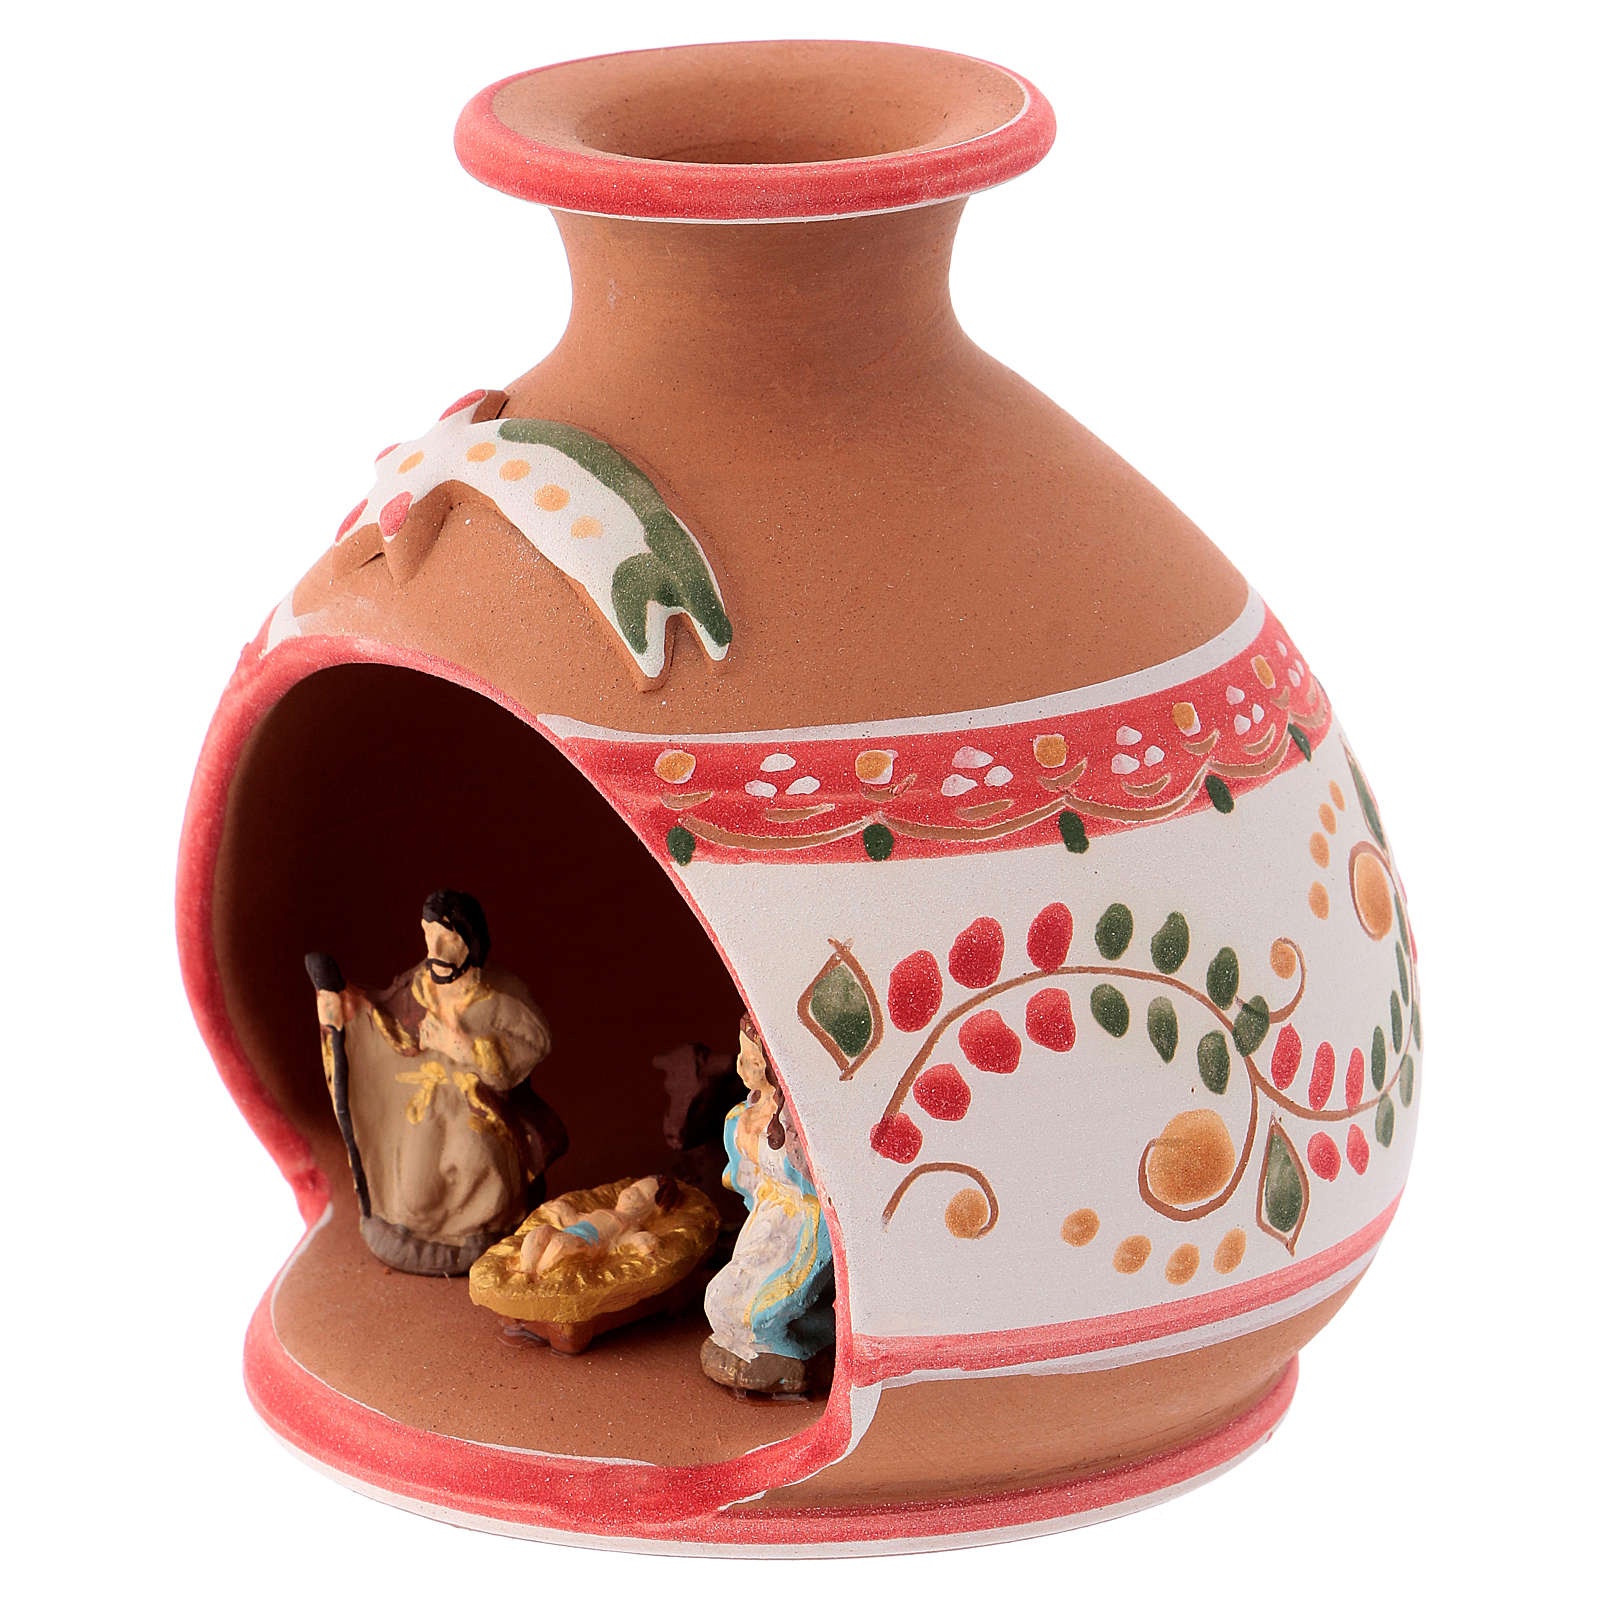 Capannina country ceramica Deruta decorazioni rosse natività 3 cm 10x10x10 cm 4